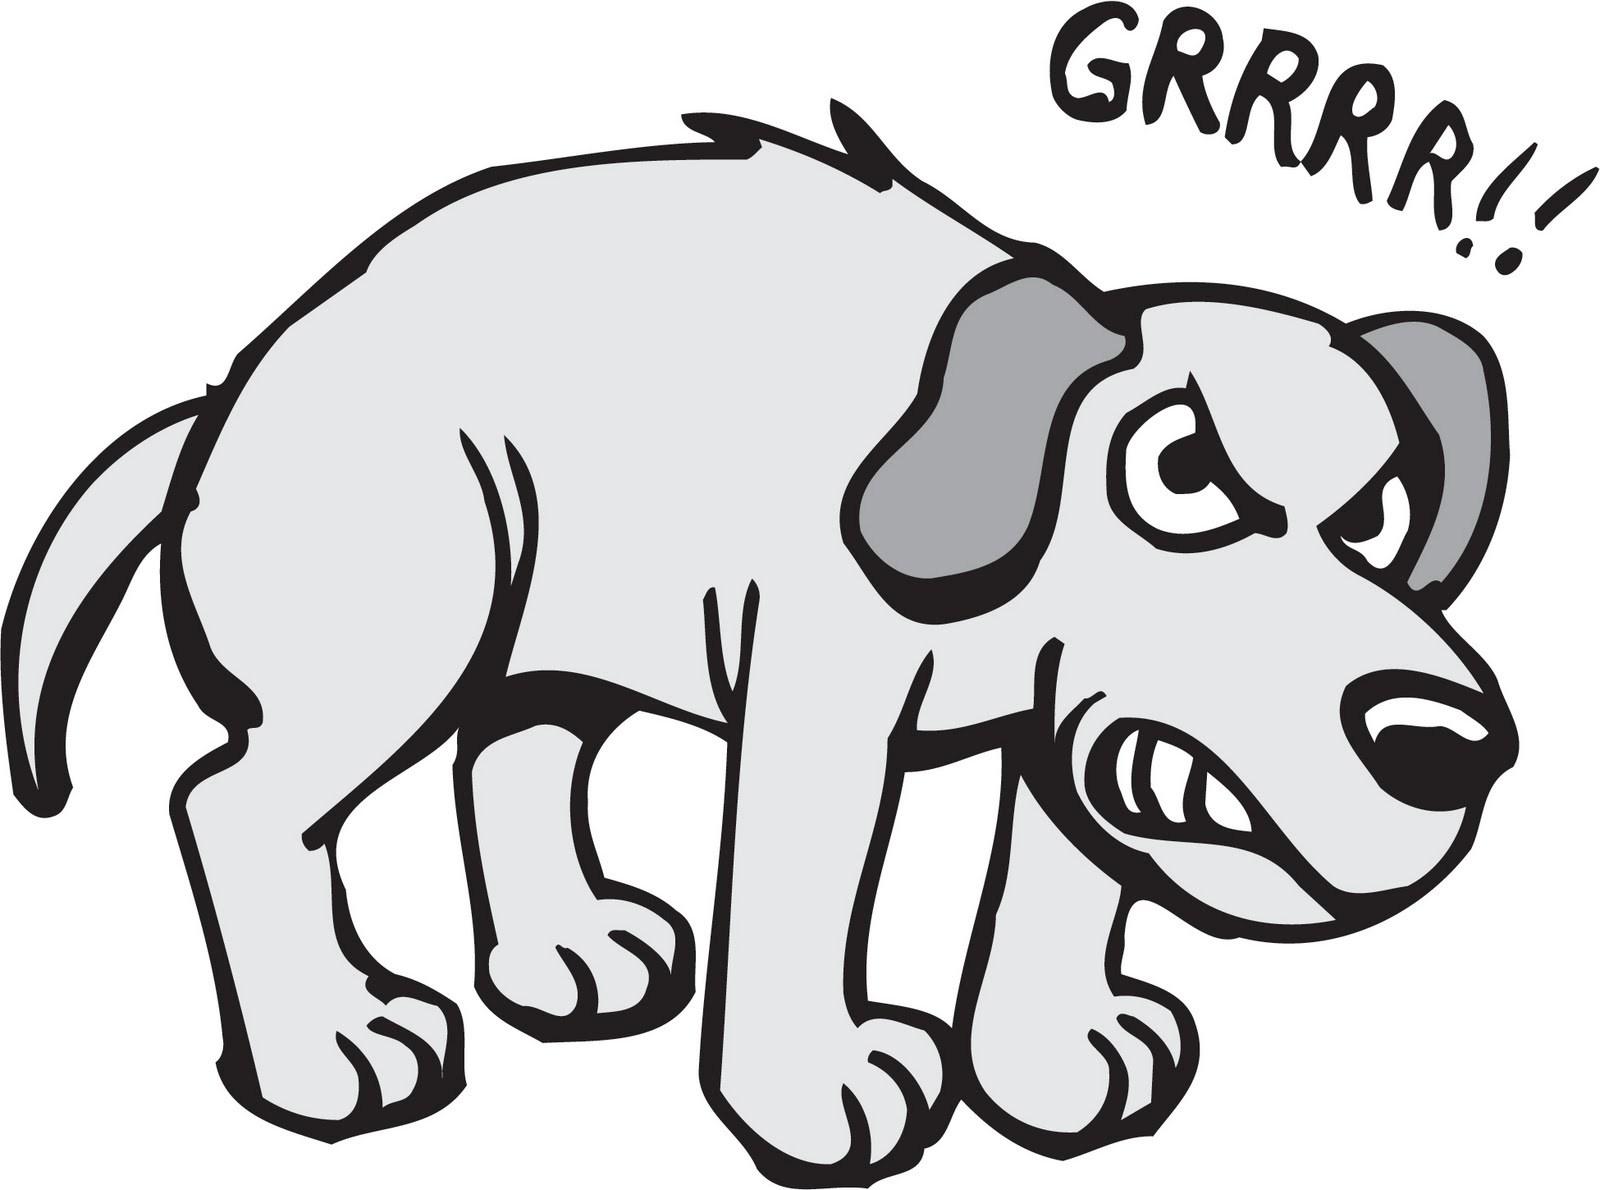 Bad dog clipart 7 » Clipart Portal.